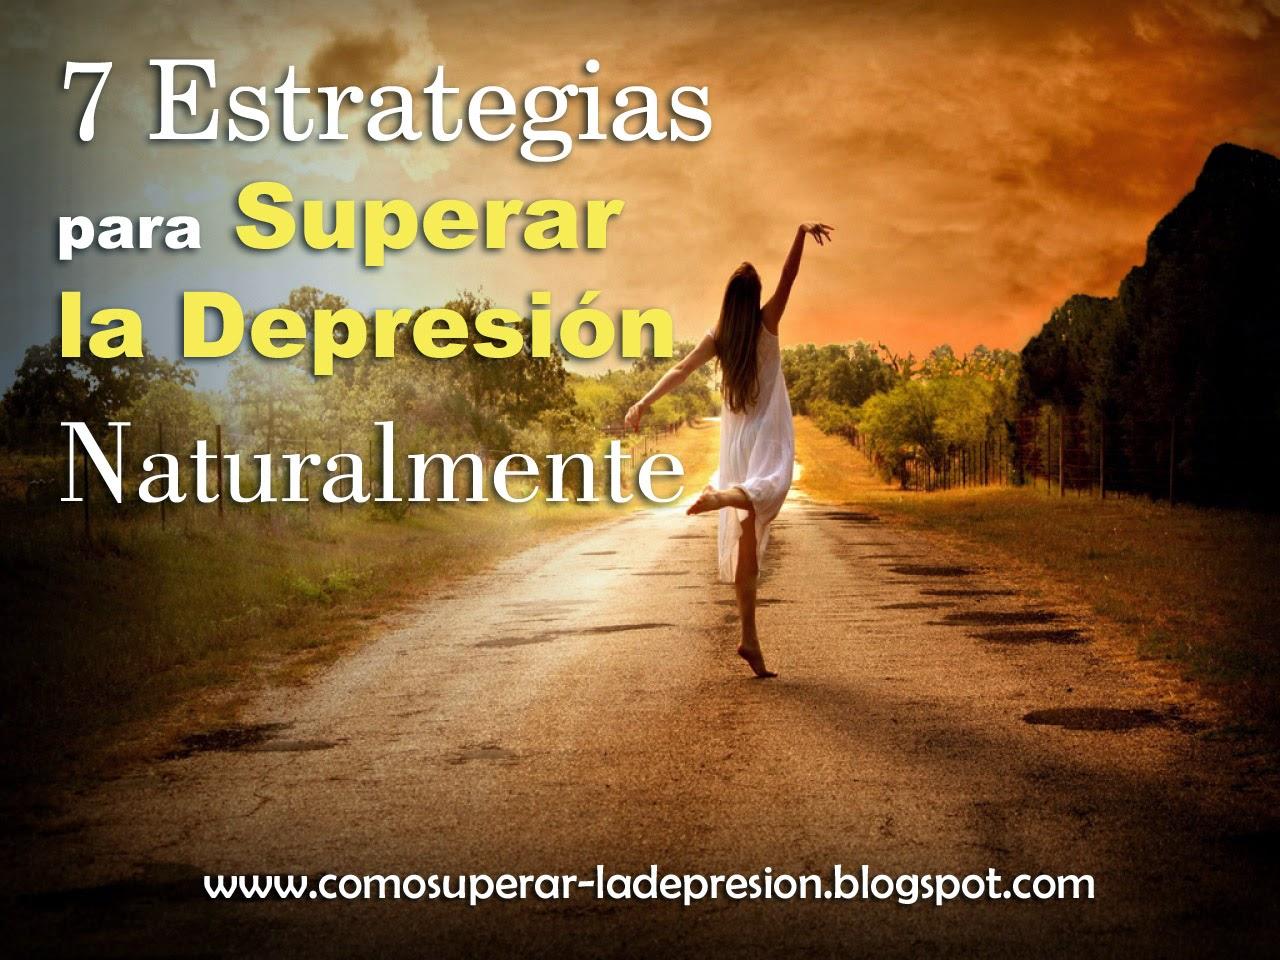 como superar la depresion, estrategias superar depresion, superar depresion consejos, tecnicas superar depresion,